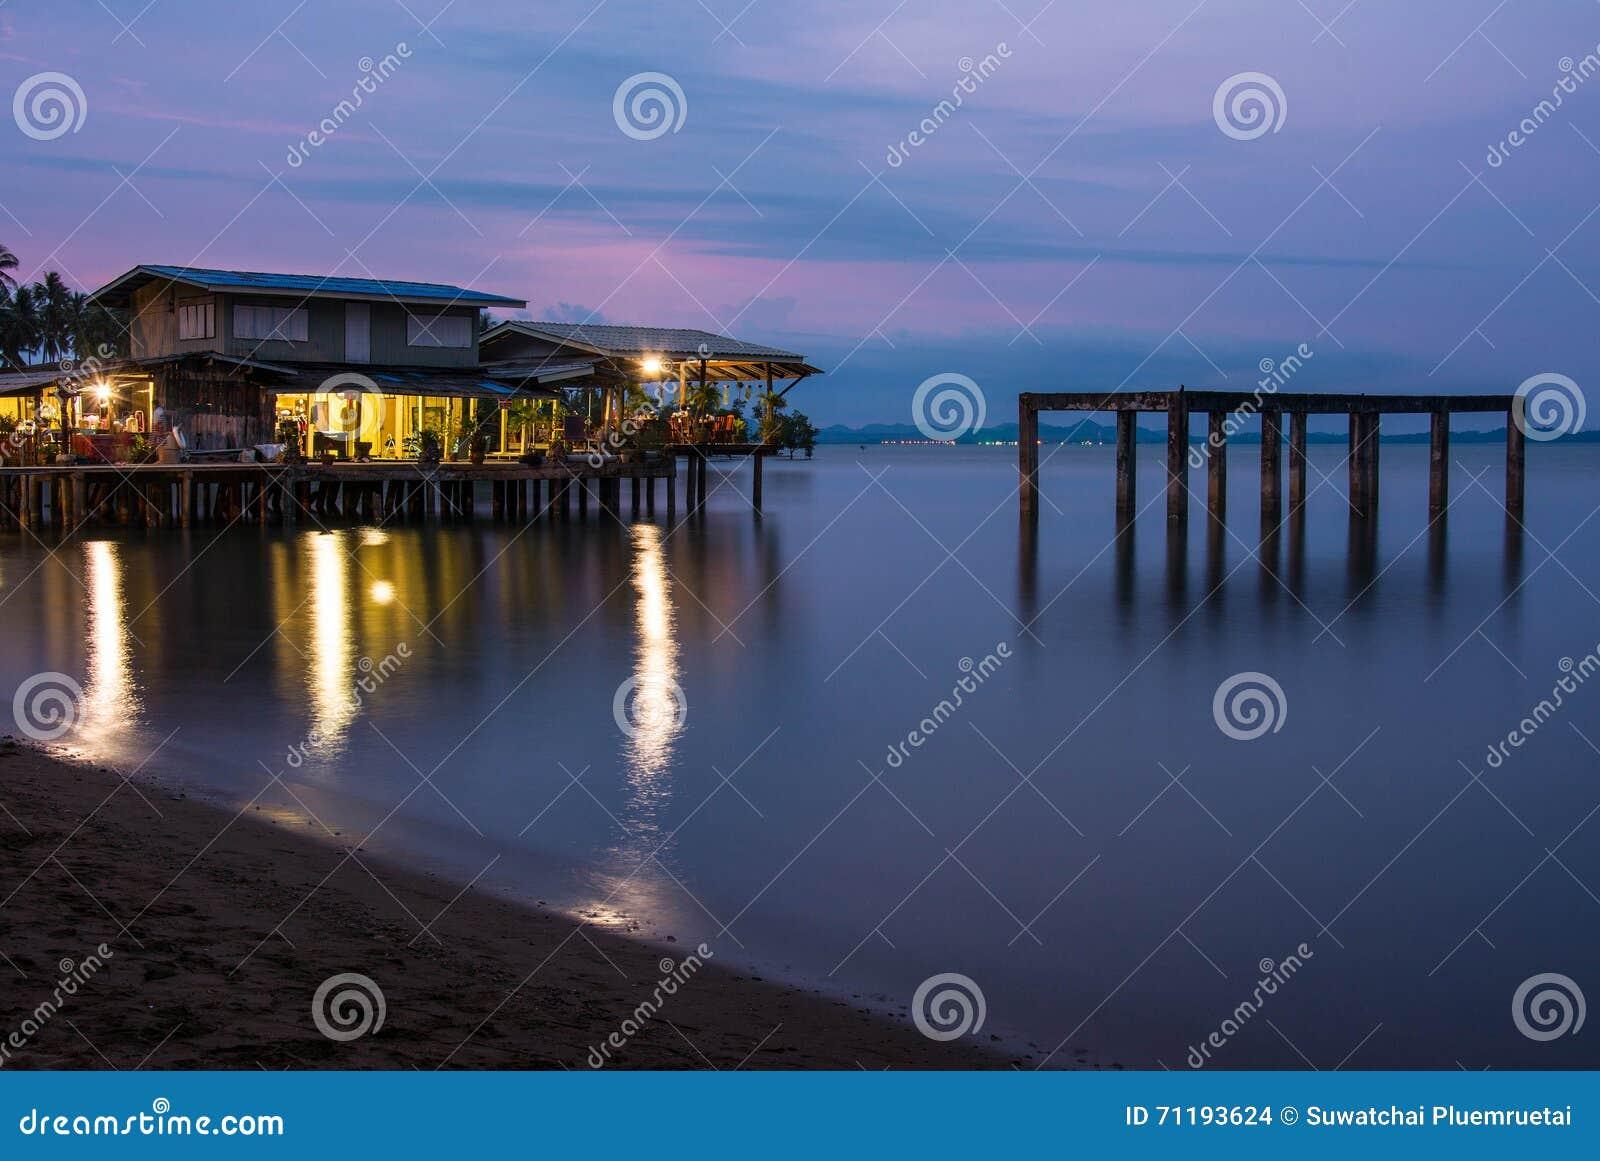 Haus am meer bei sonnenuntergang  Haus Auf Dem Strand Mit Sonnenuntergang über Dem Meer Auf KOHchang ...